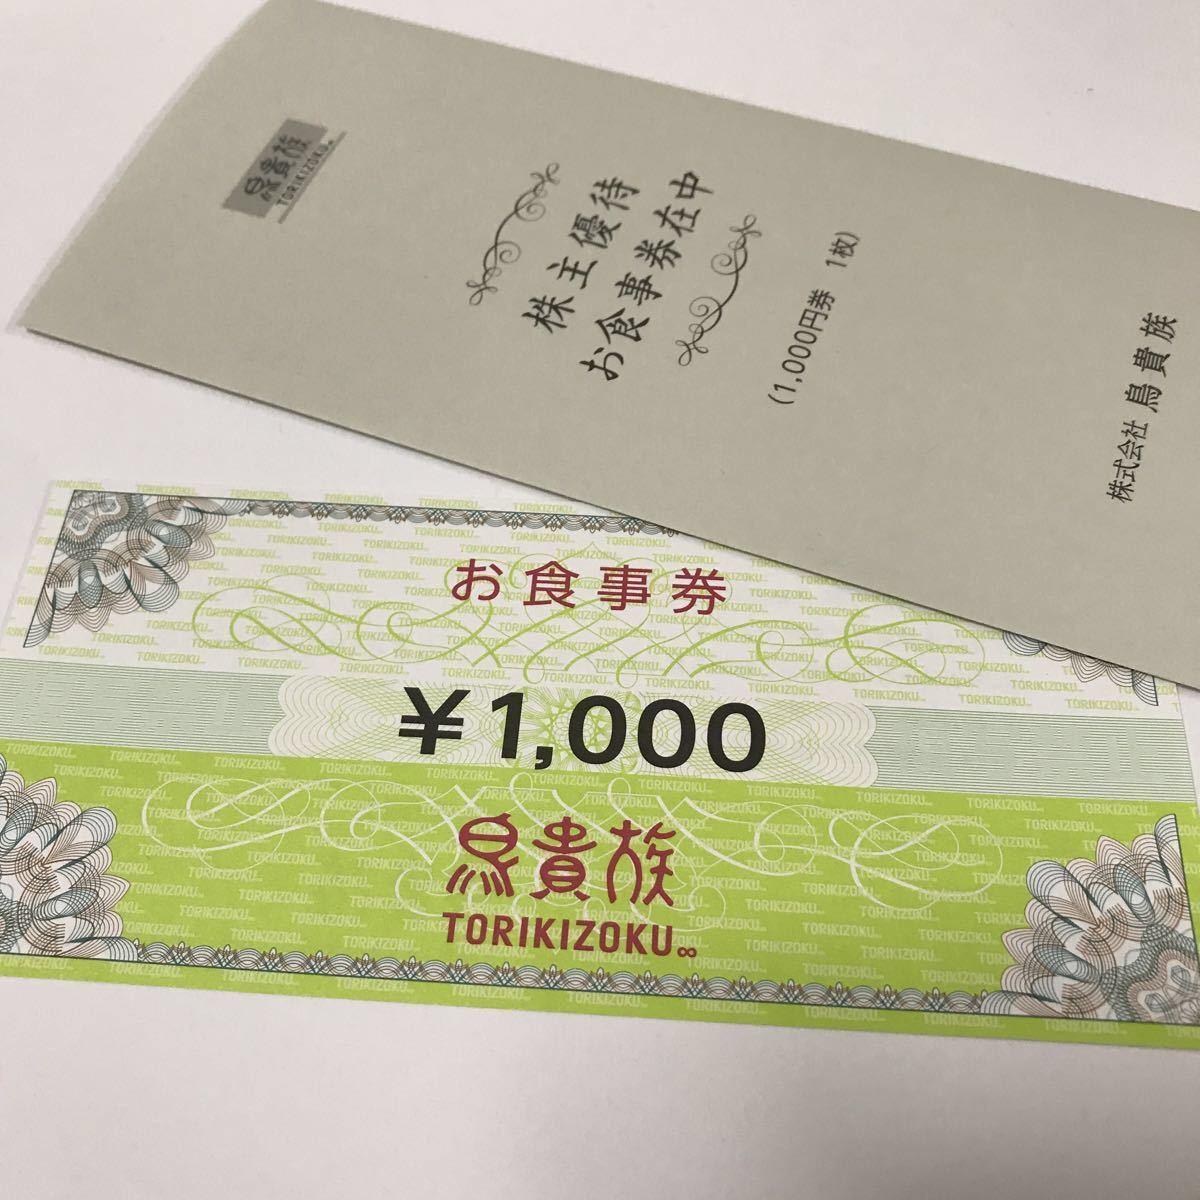 鳥貴族株主優待 お食事券 1,000円分